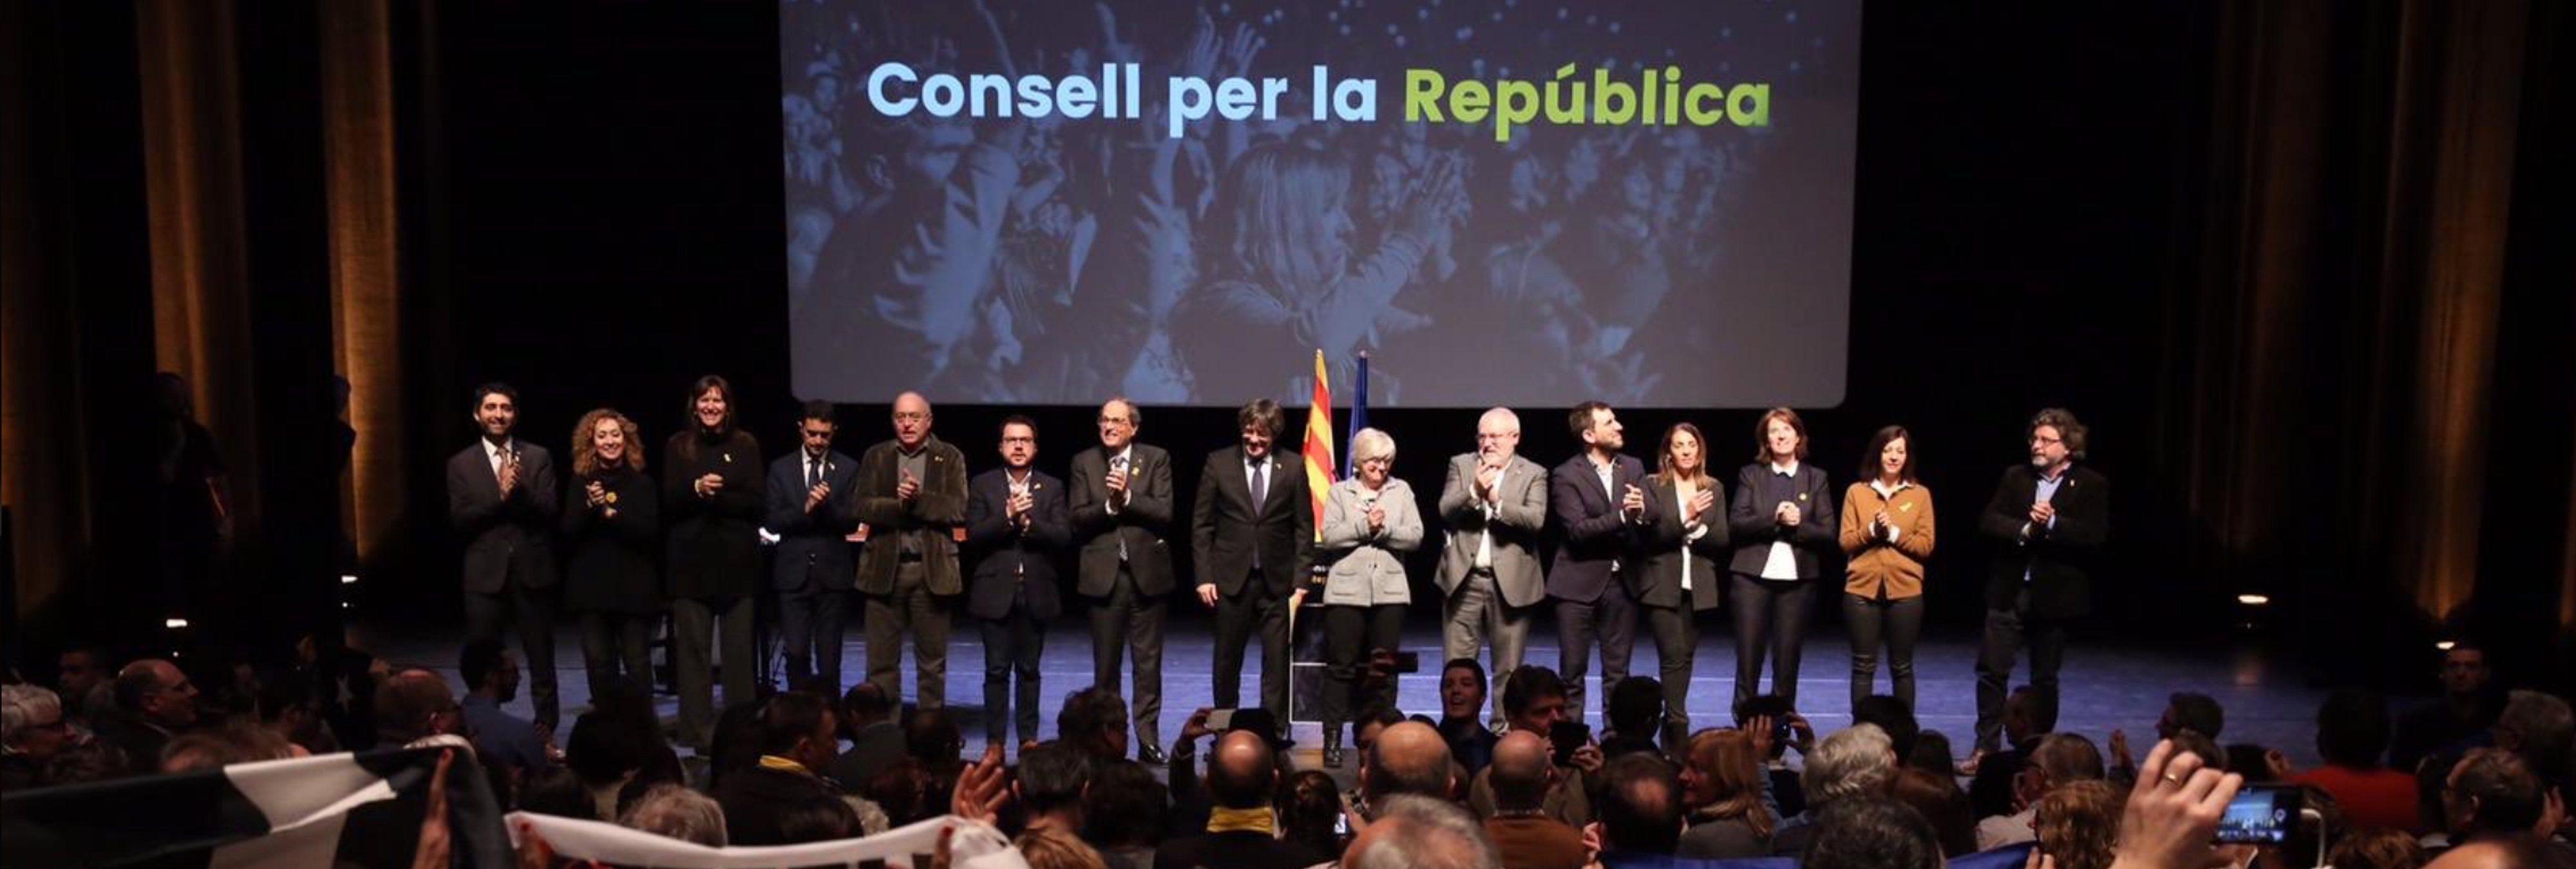 Críticas a Torra por pedir que Cataluña siga los pasos de la separación violenta eslovena